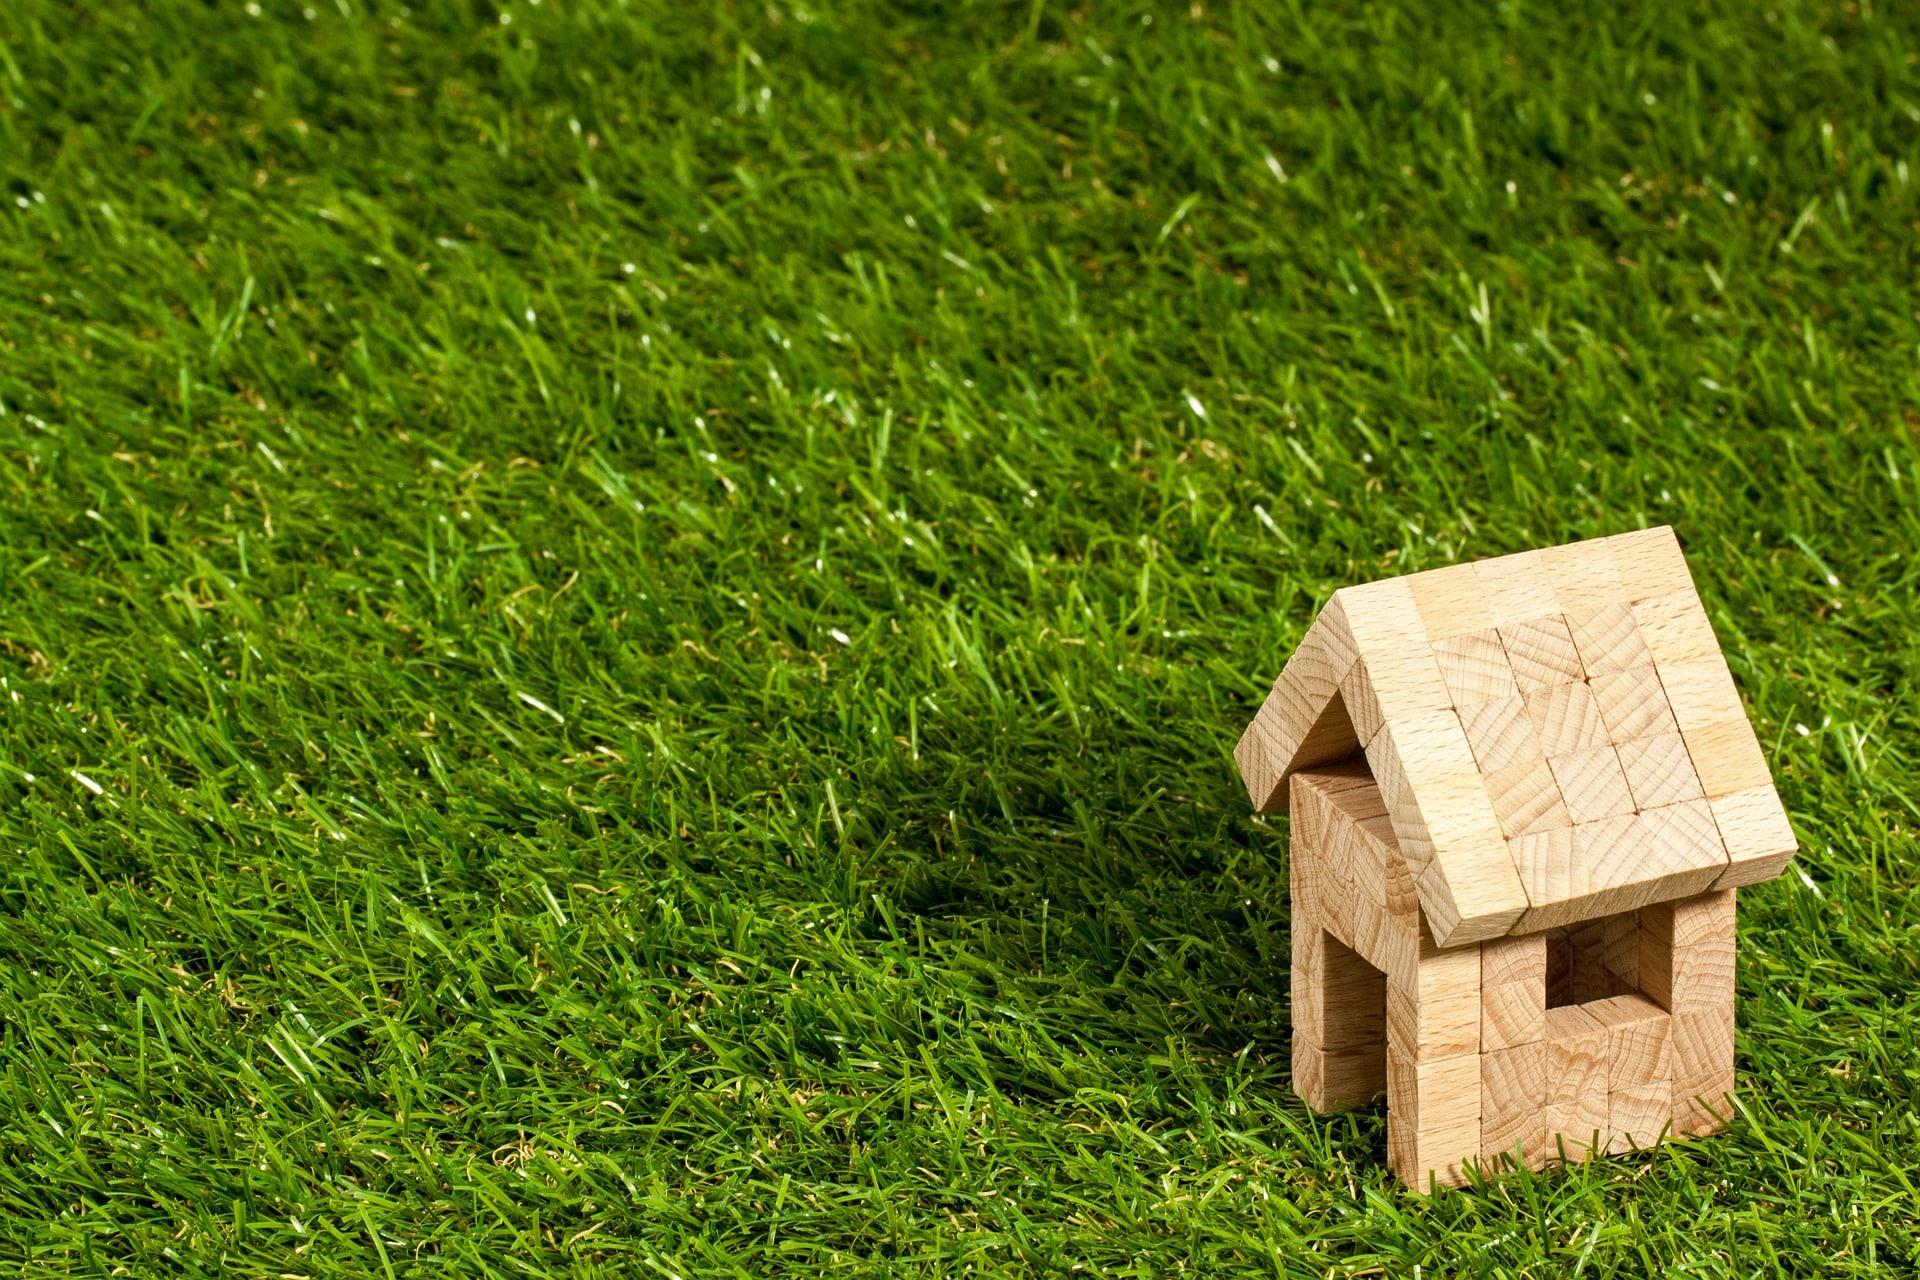 căn hộ nghỉ dưỡng và nhà chung cư đang xây lẫn căn hộ du lịch đều chào bán nhanh và vay ngân hàng dễ dàng